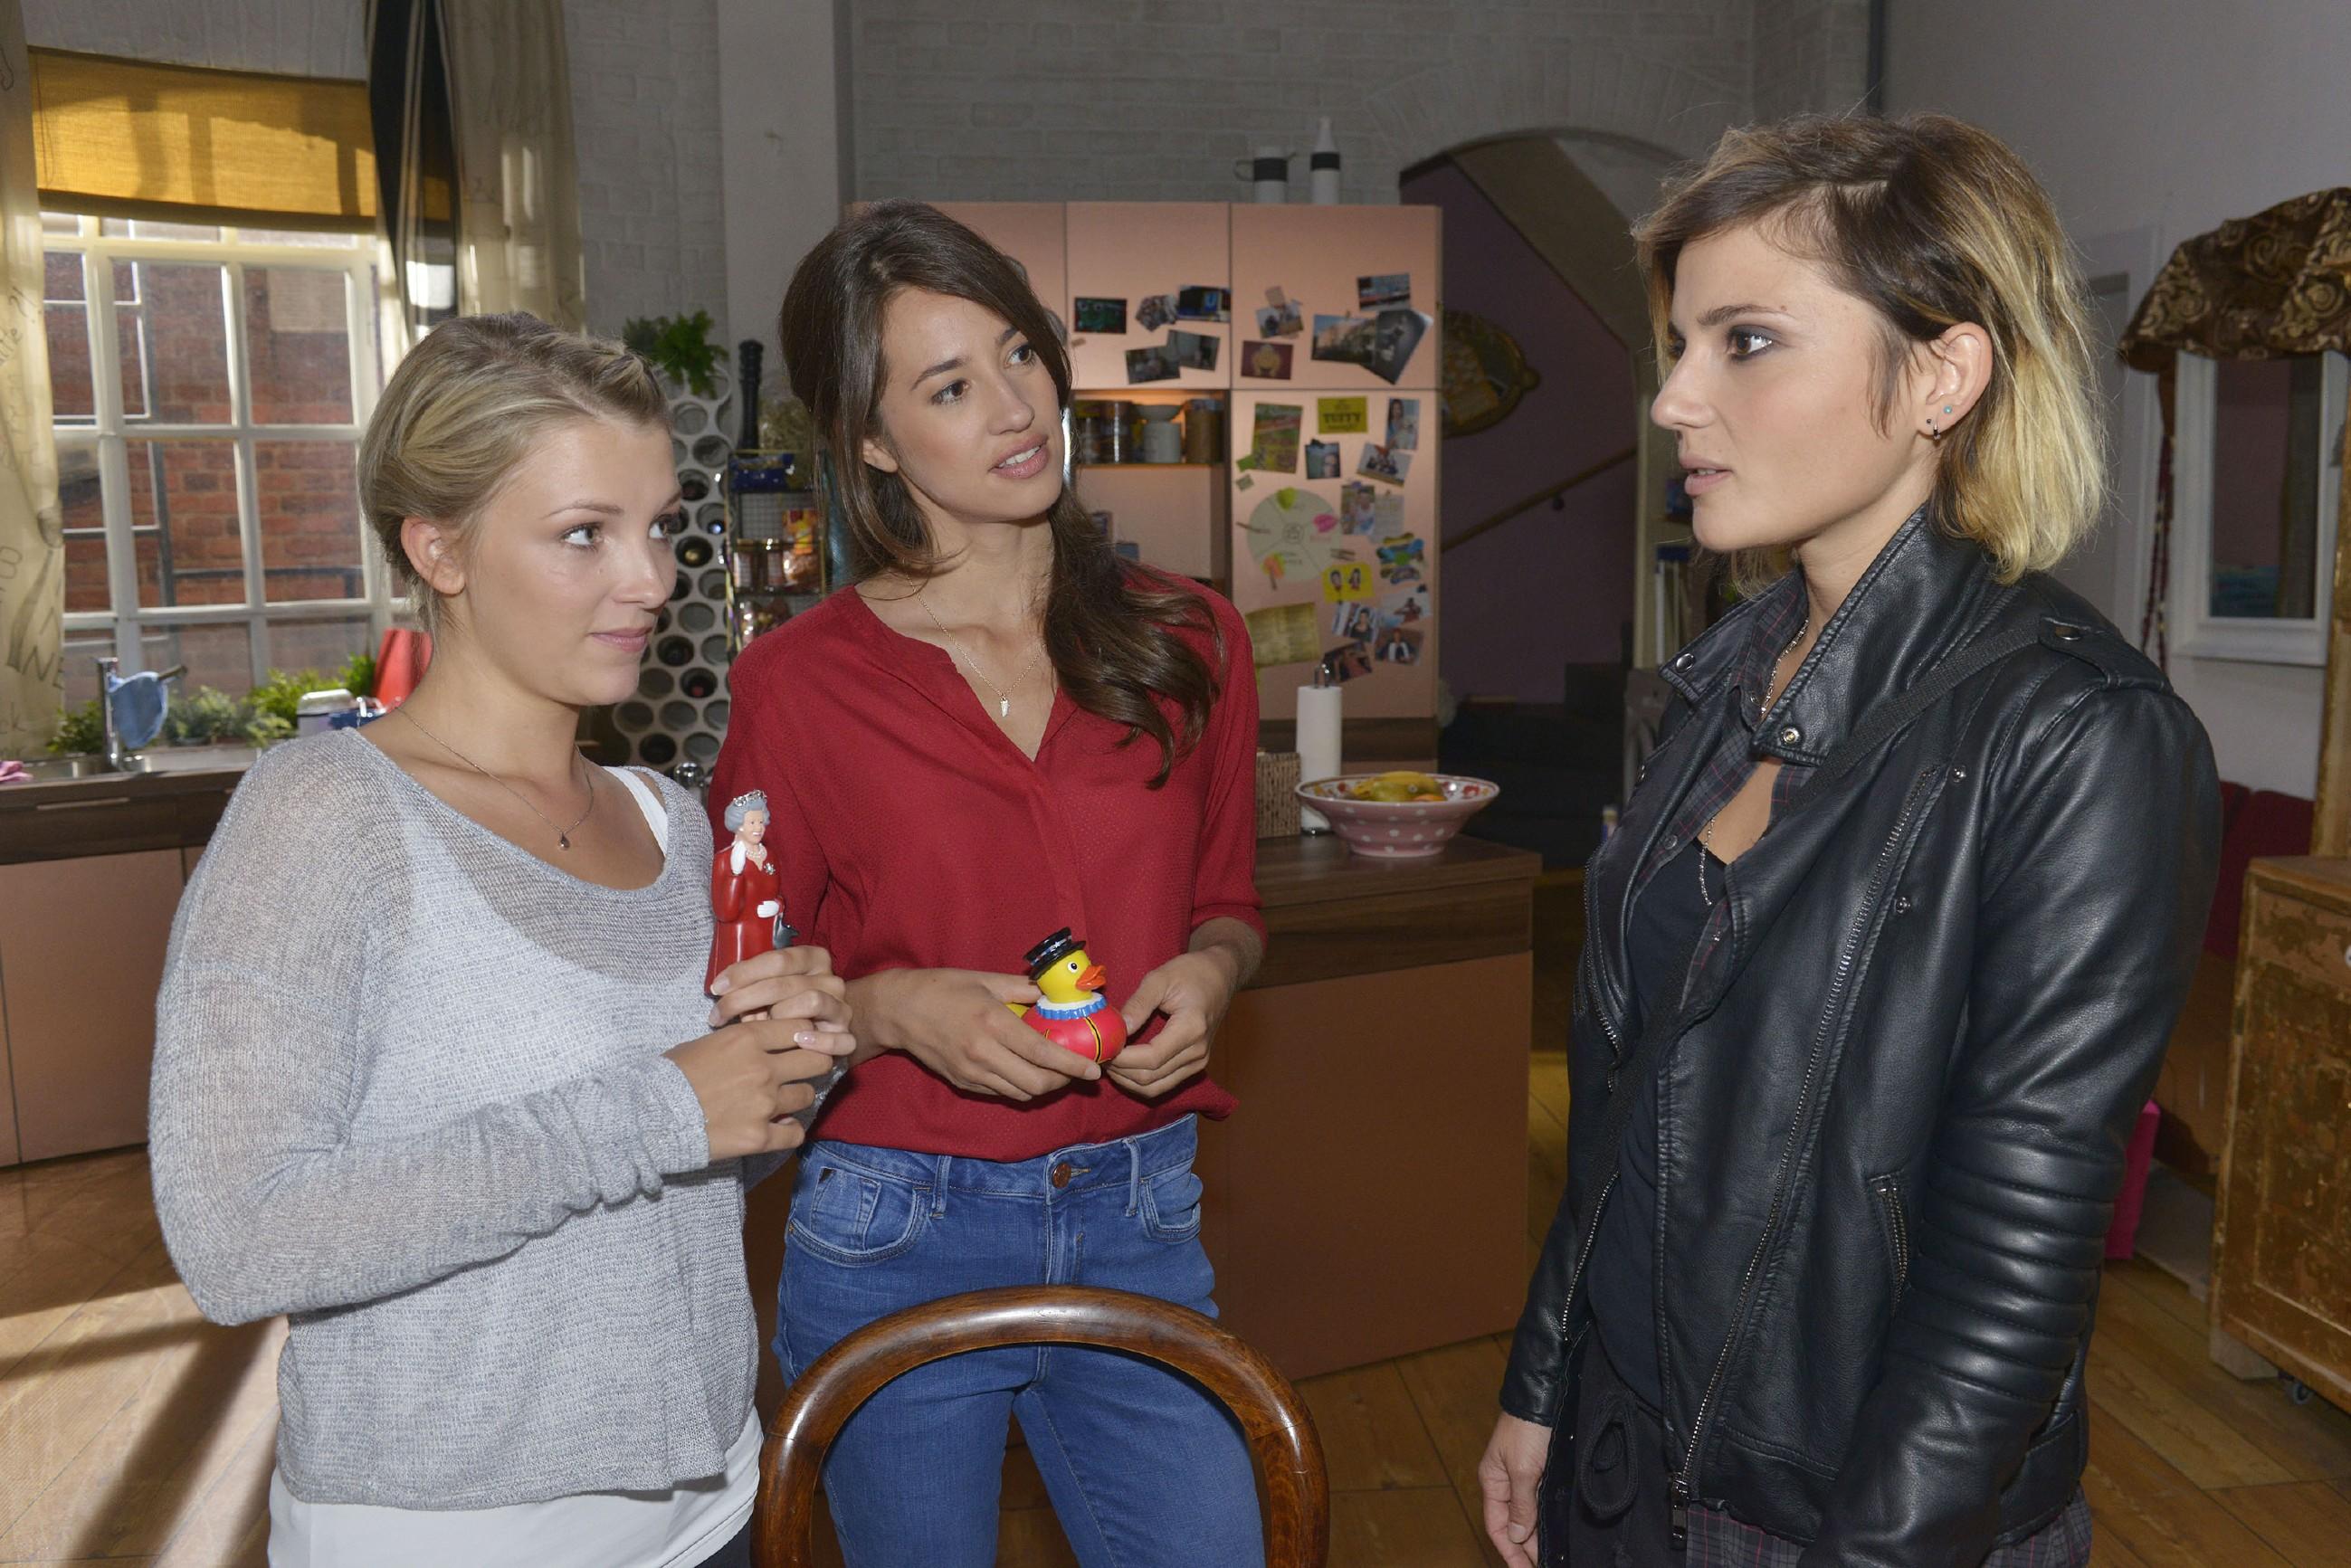 Anni (Linda Marlen Runge, r.) bestreitet vor Lilly (Iris Mareike Steen, l.) und Elena (Elena Garcia Gerlach), sich in Rosa verliebt zu haben. (Quelle: RTL / Rolf Baumgartner)